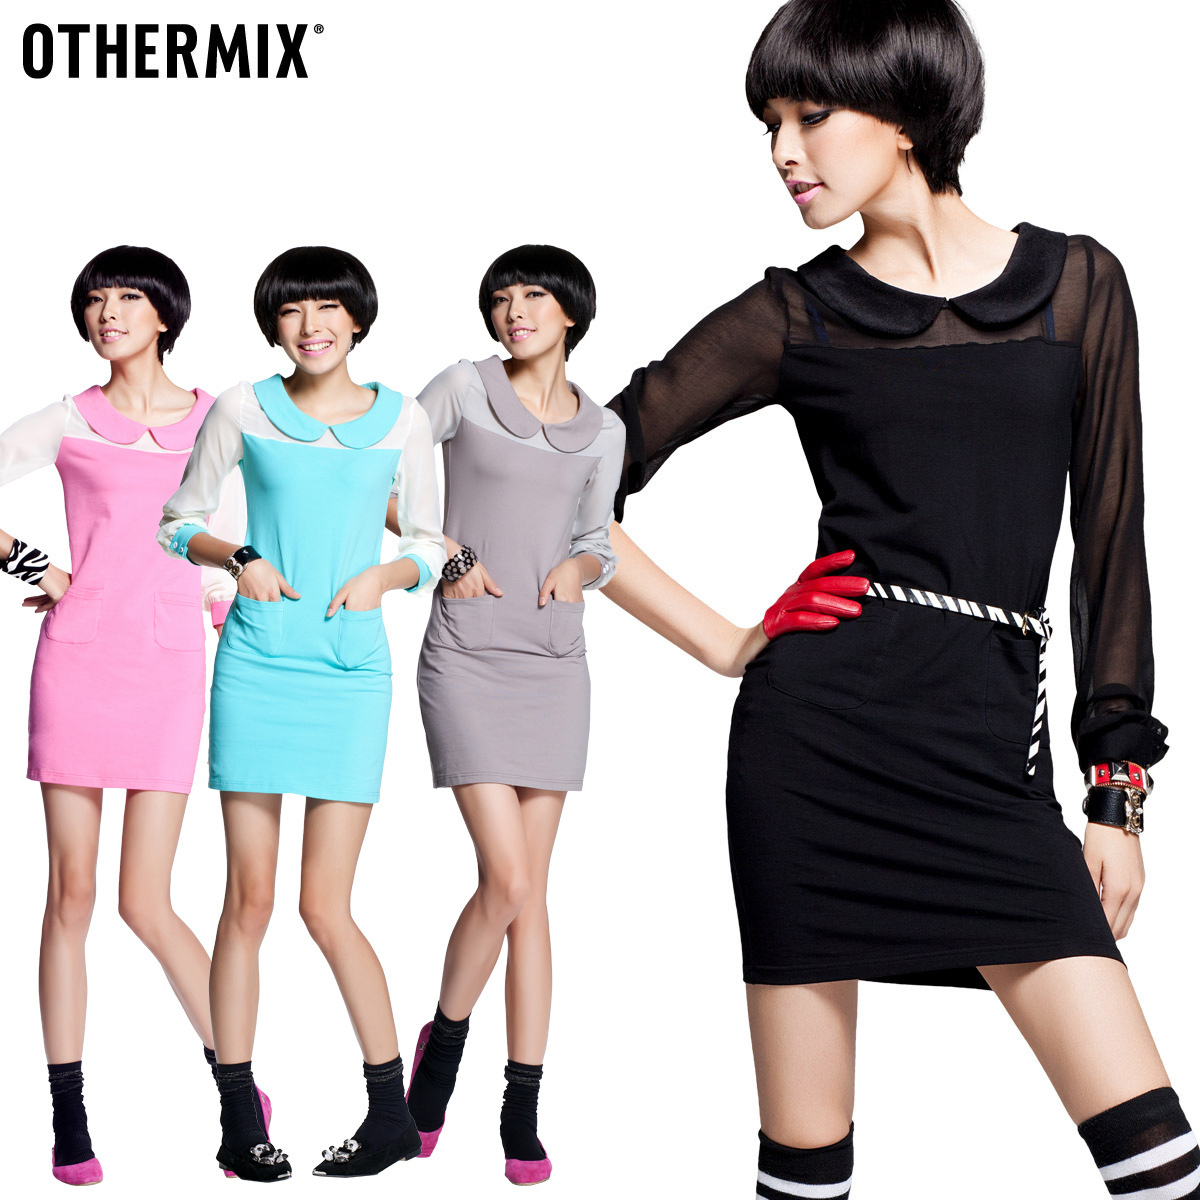 Женское платье Othermix 12mb053039f/1 12MB053039F Осень 2012 Разные